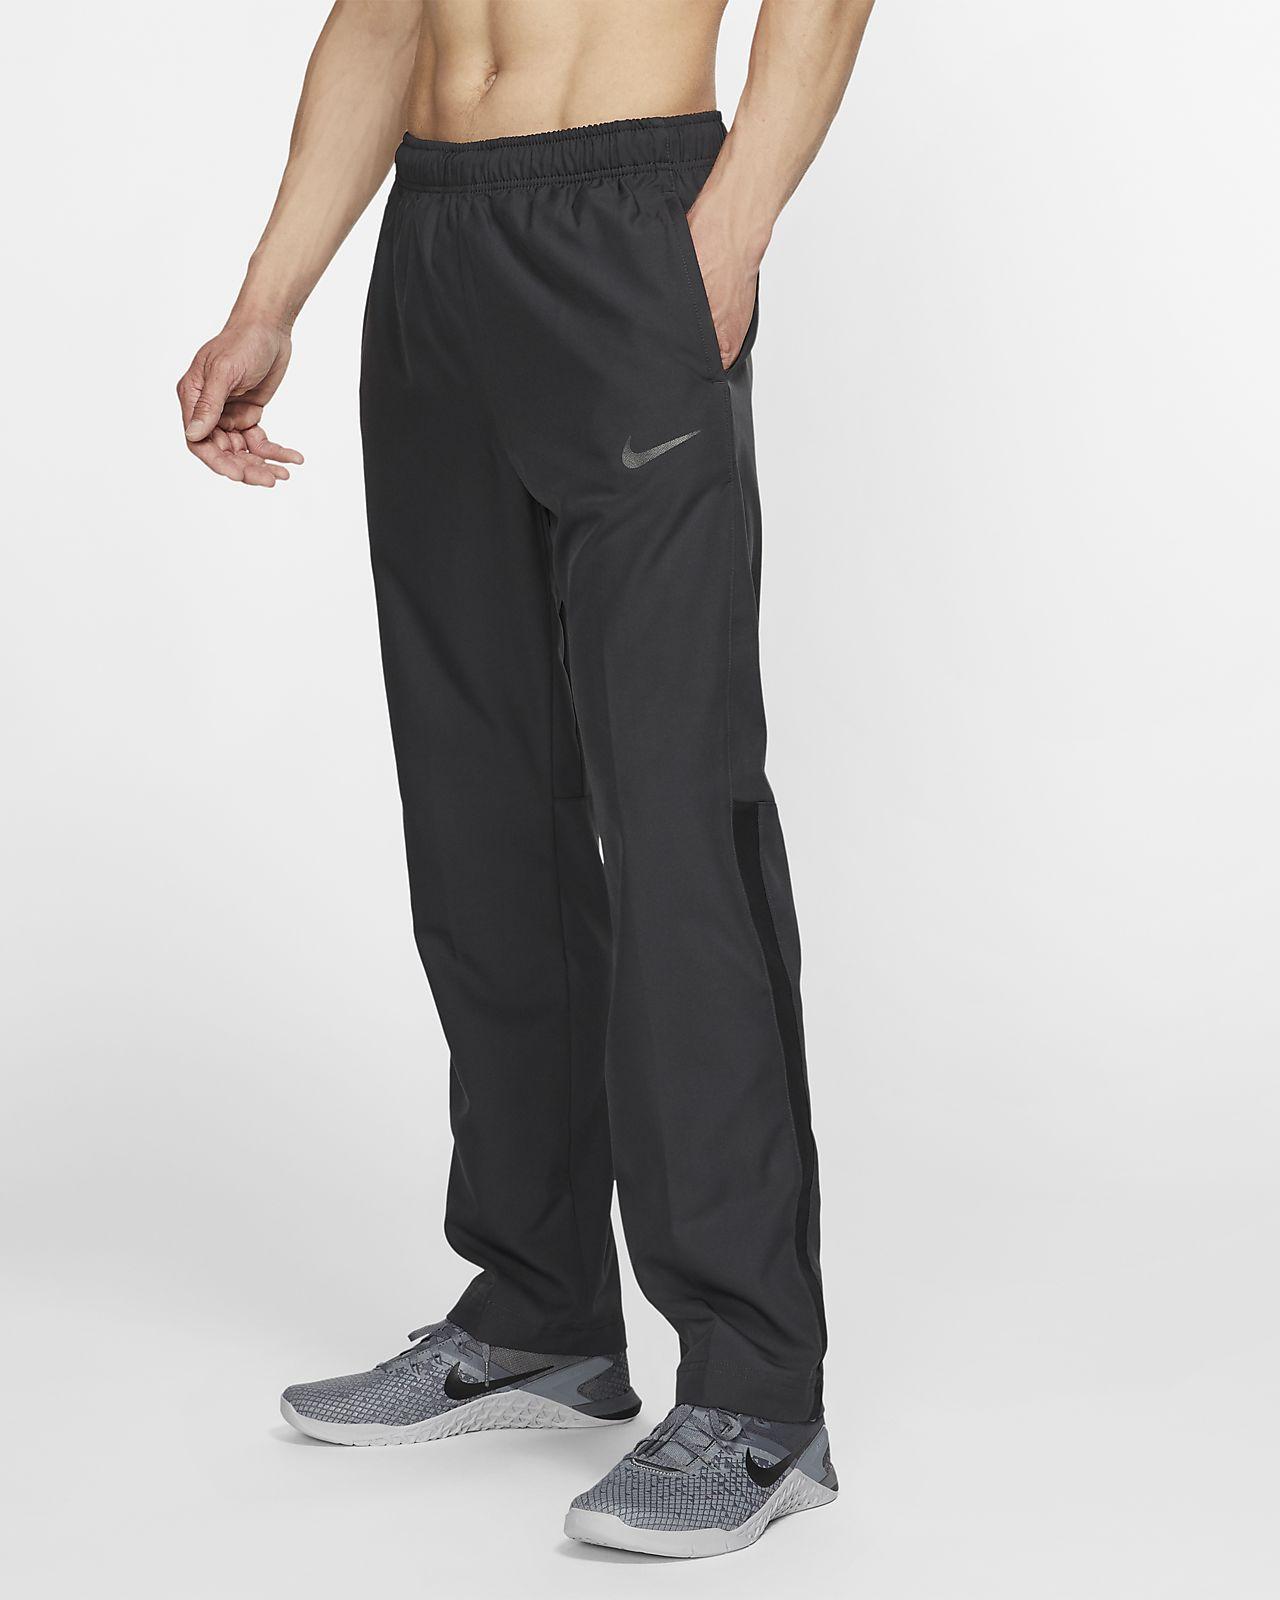 Nike Dri-FIT Men's Training Trousers